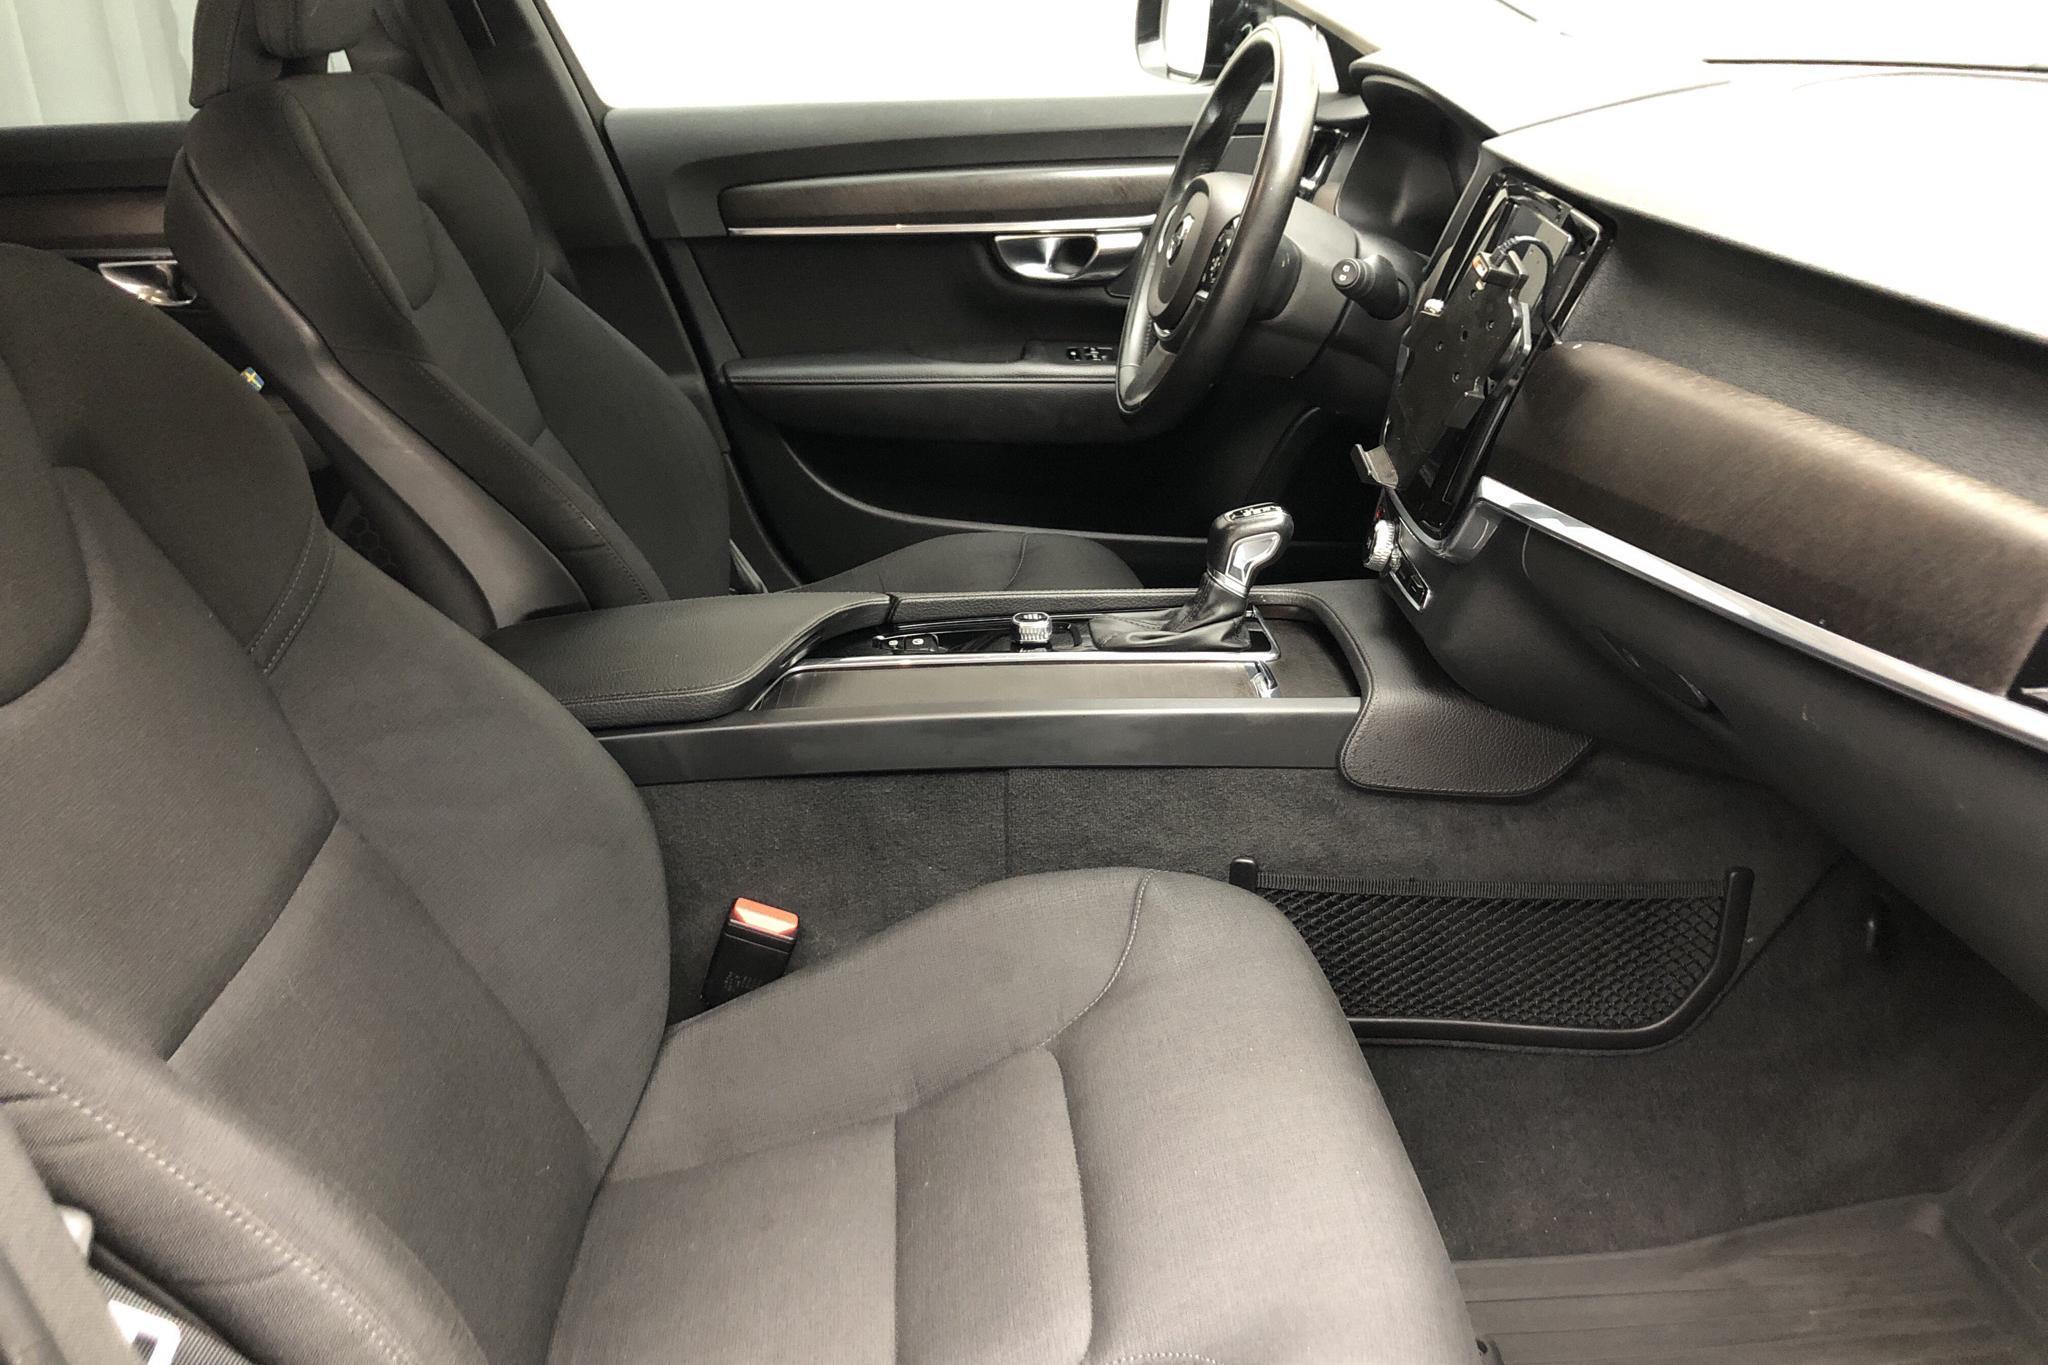 Volvo V90 D4 Cross Country AWD (190hk) - 120 980 km - Automatic - black - 2019